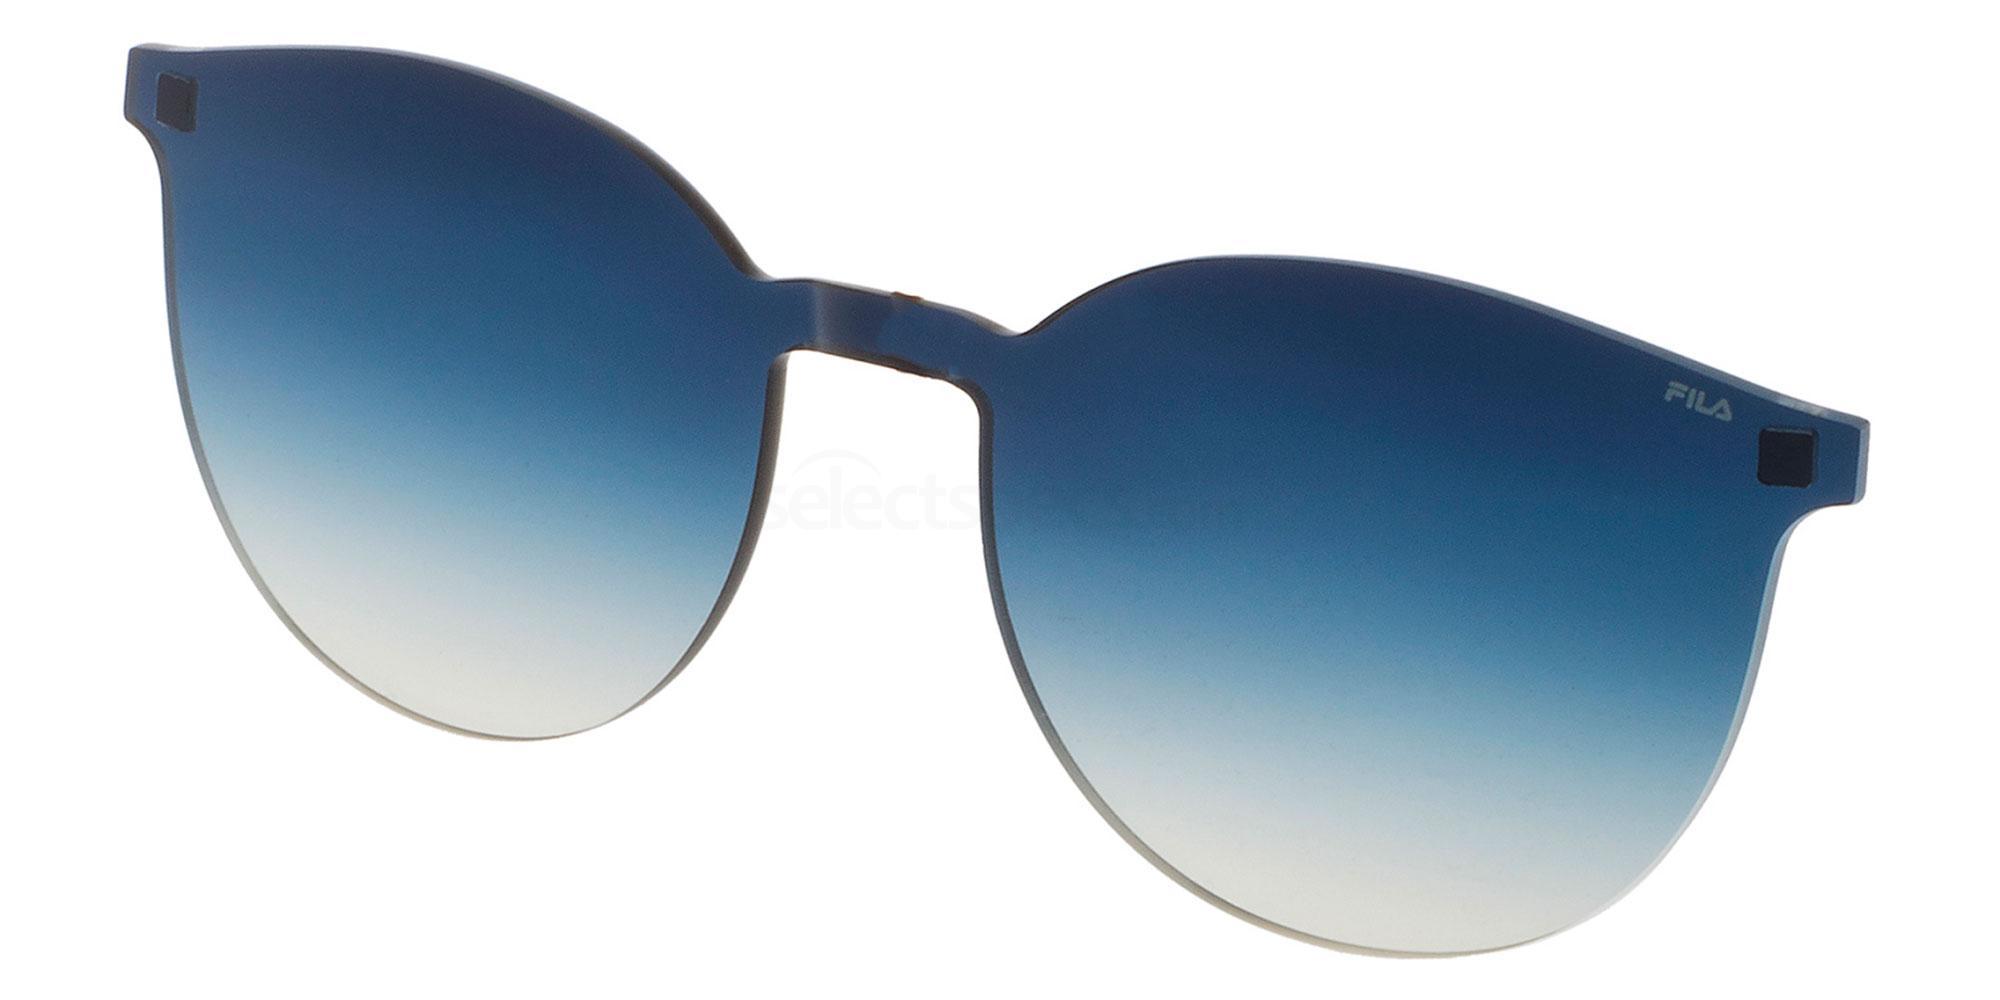 FUSF AGF9919 Sunglasses, Fila